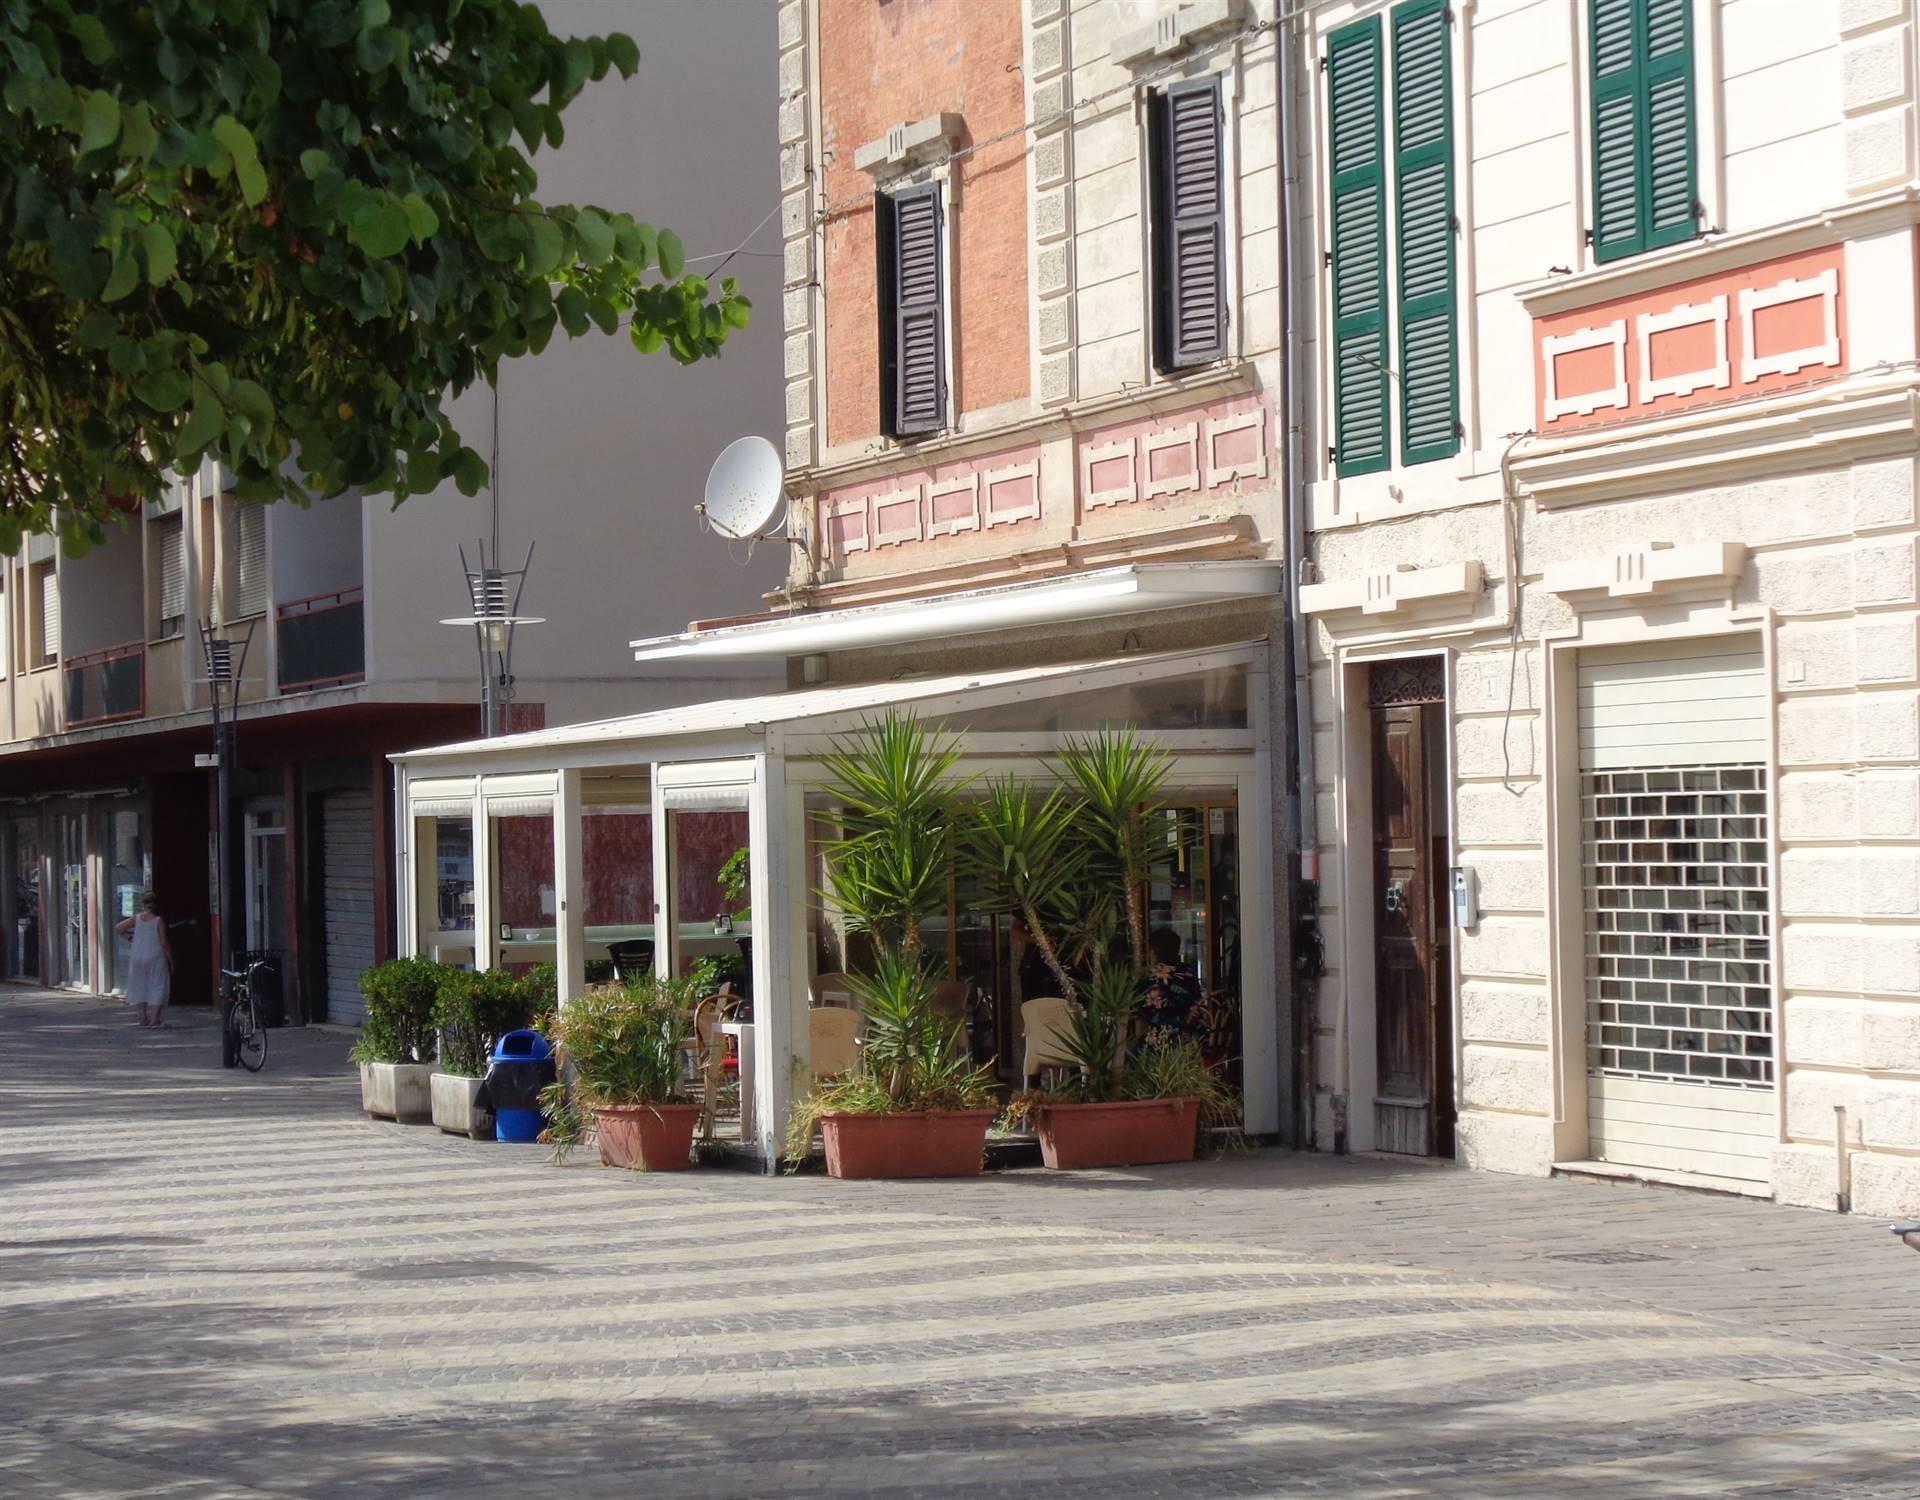 Negozio / Locale in affitto a Falconara Marittima, 2 locali, zona Zona: Centro, prezzo € 1.600 | CambioCasa.it